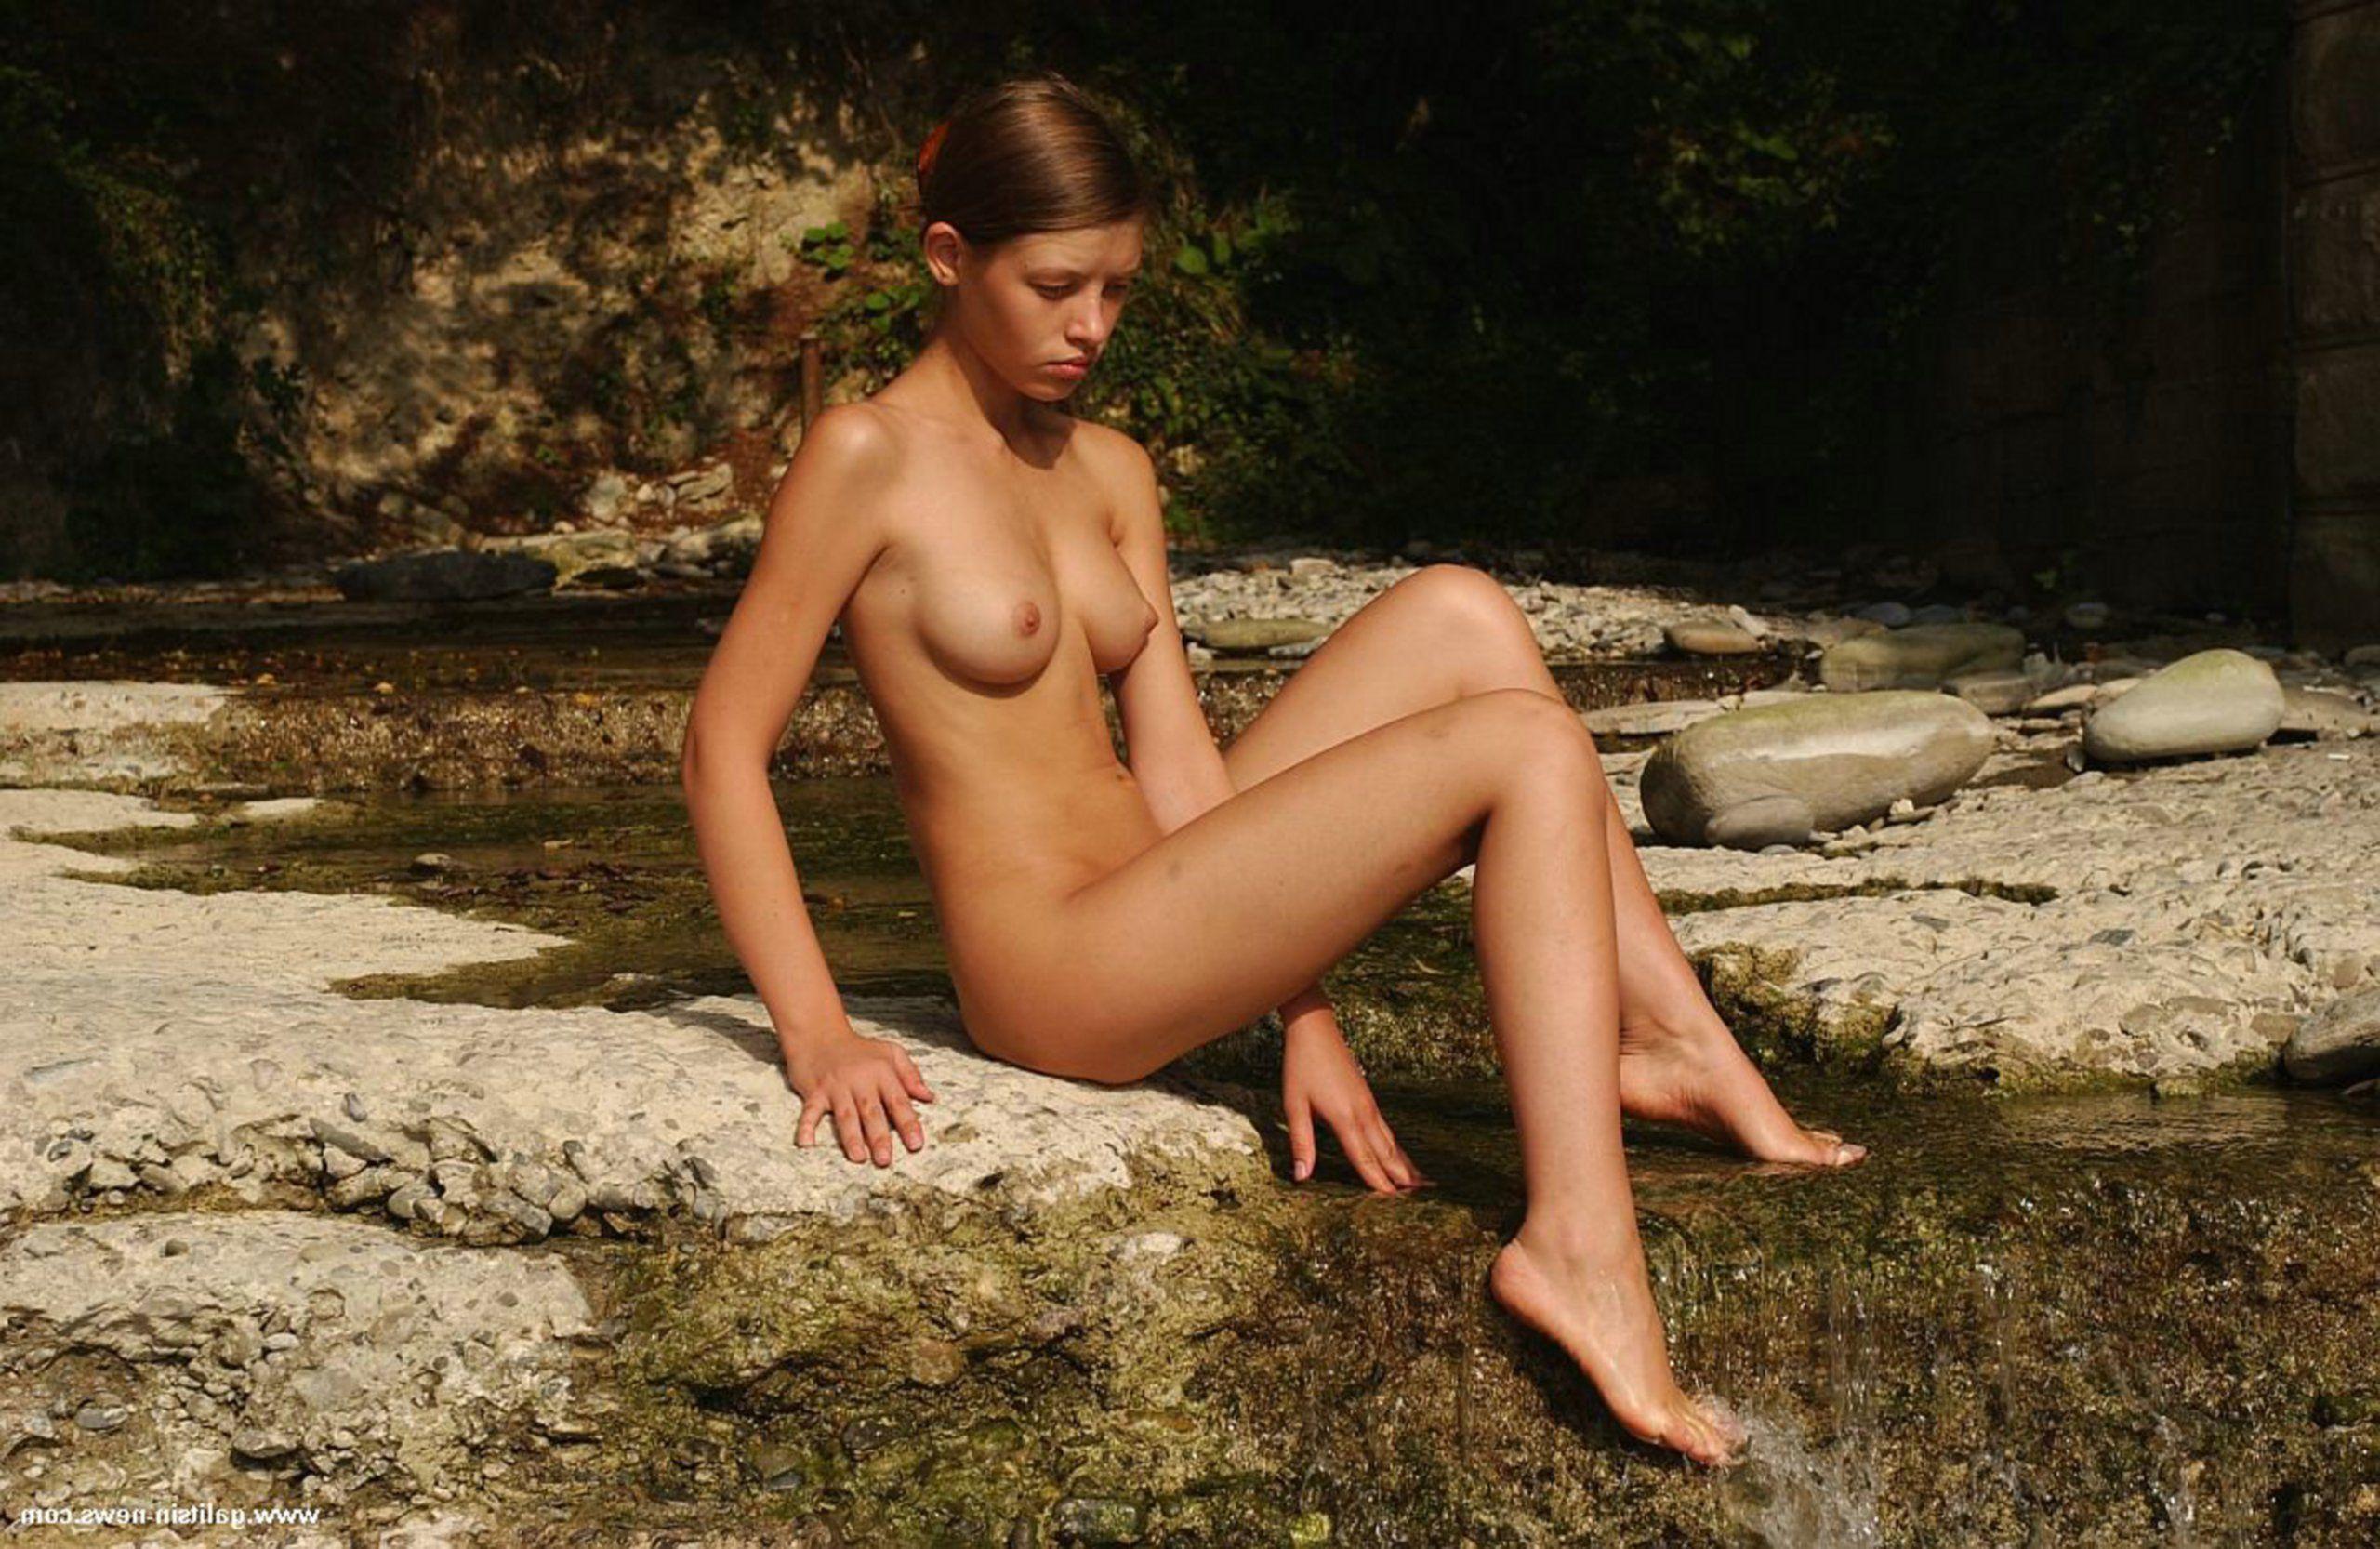 Arizona naked young girl — 4